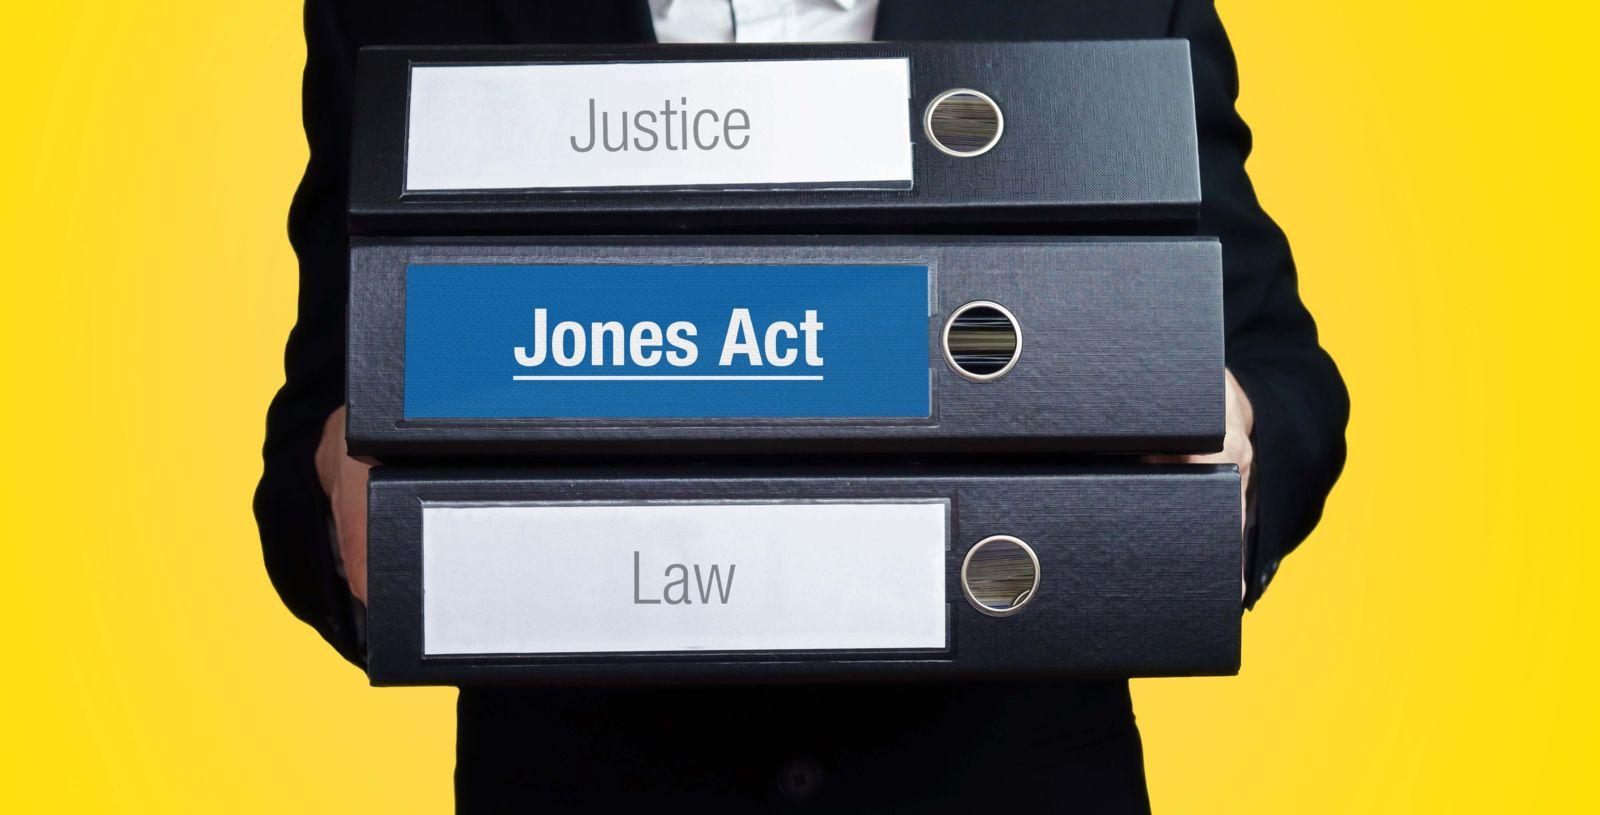 Louisiana Maritime Jones Act Attorney Grady Flattmann